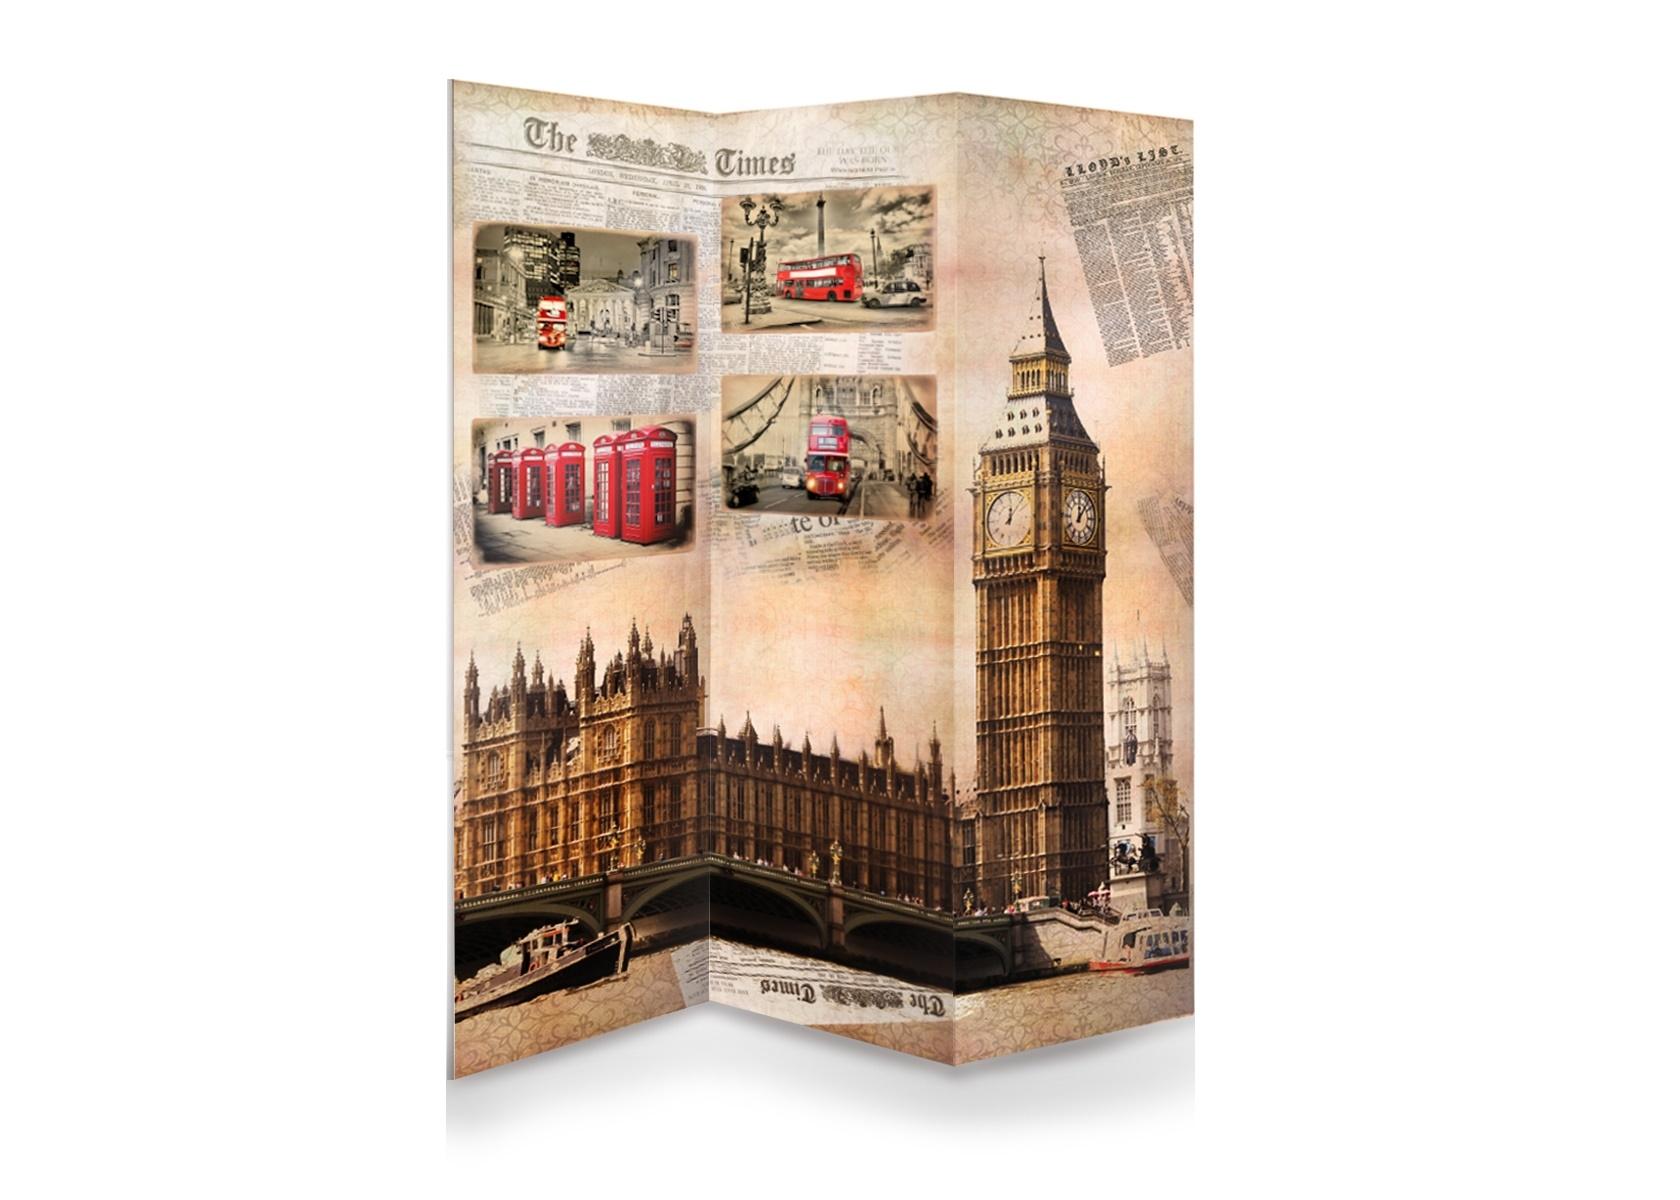 Ширма Londonica IIШирмы<br>Односторонняя ширма из коллекции Catherine D&amp;quot;argent.&amp;lt;div&amp;gt;&amp;lt;br&amp;gt;&amp;lt;/div&amp;gt;&amp;lt;div&amp;gt;Материал: нетканный материал, пигментные краски.&amp;lt;br&amp;gt;&amp;lt;/div&amp;gt;<br><br>Material: Дерево<br>Width см: 150<br>Depth см: 7<br>Height см: 180